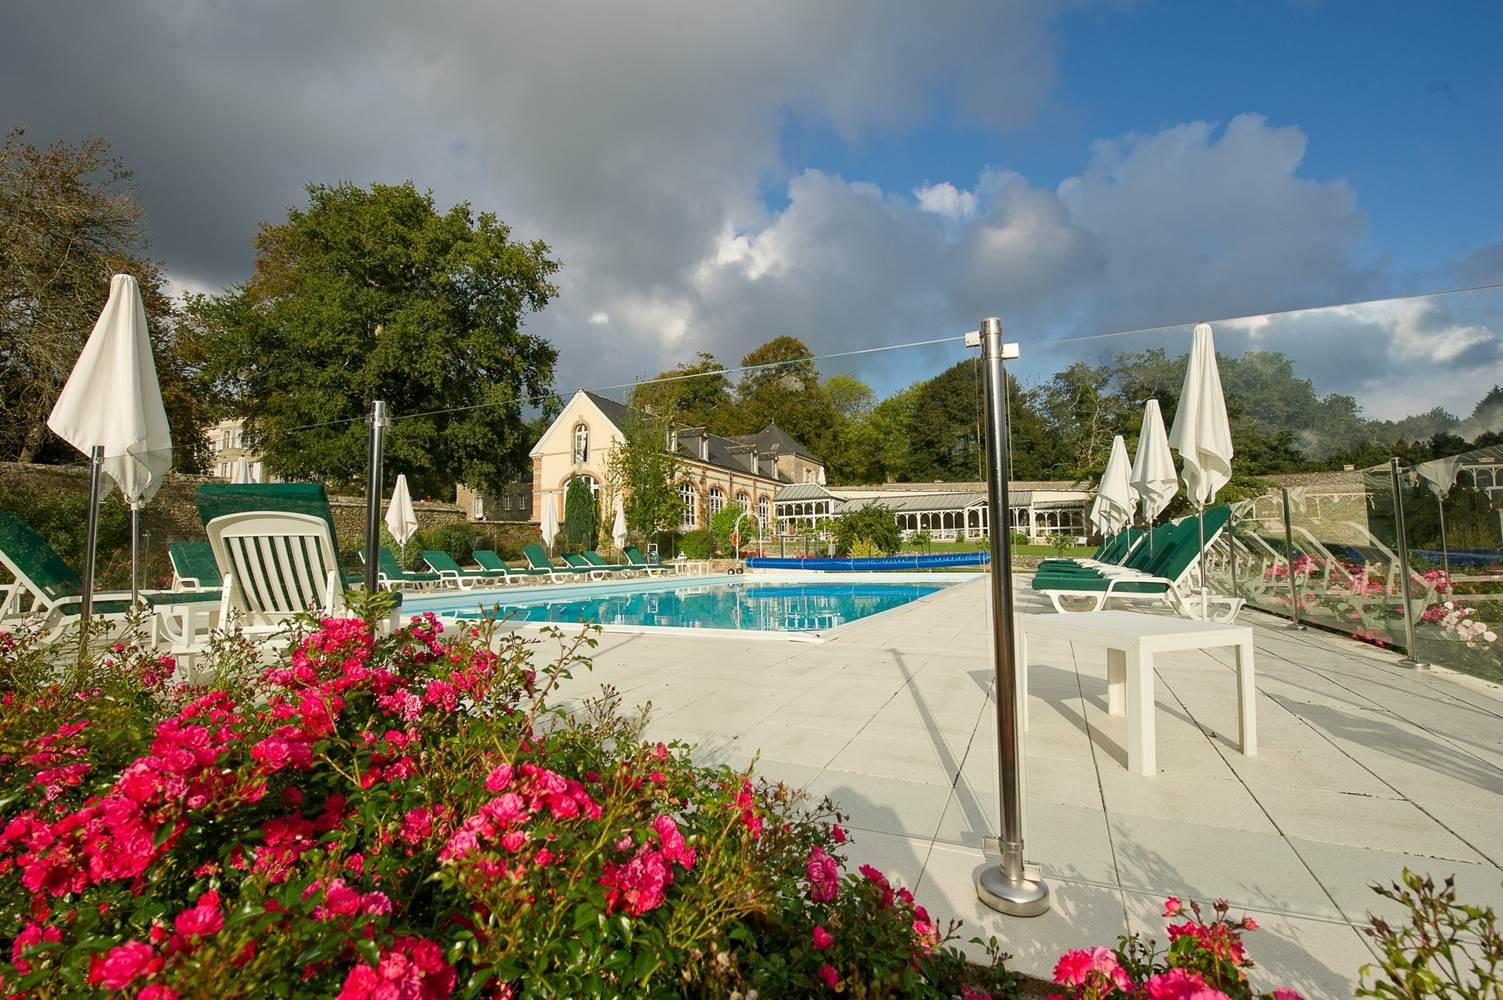 Hotel chateau locguénolé piscine - kervignac - morbihan bretagne sud ©